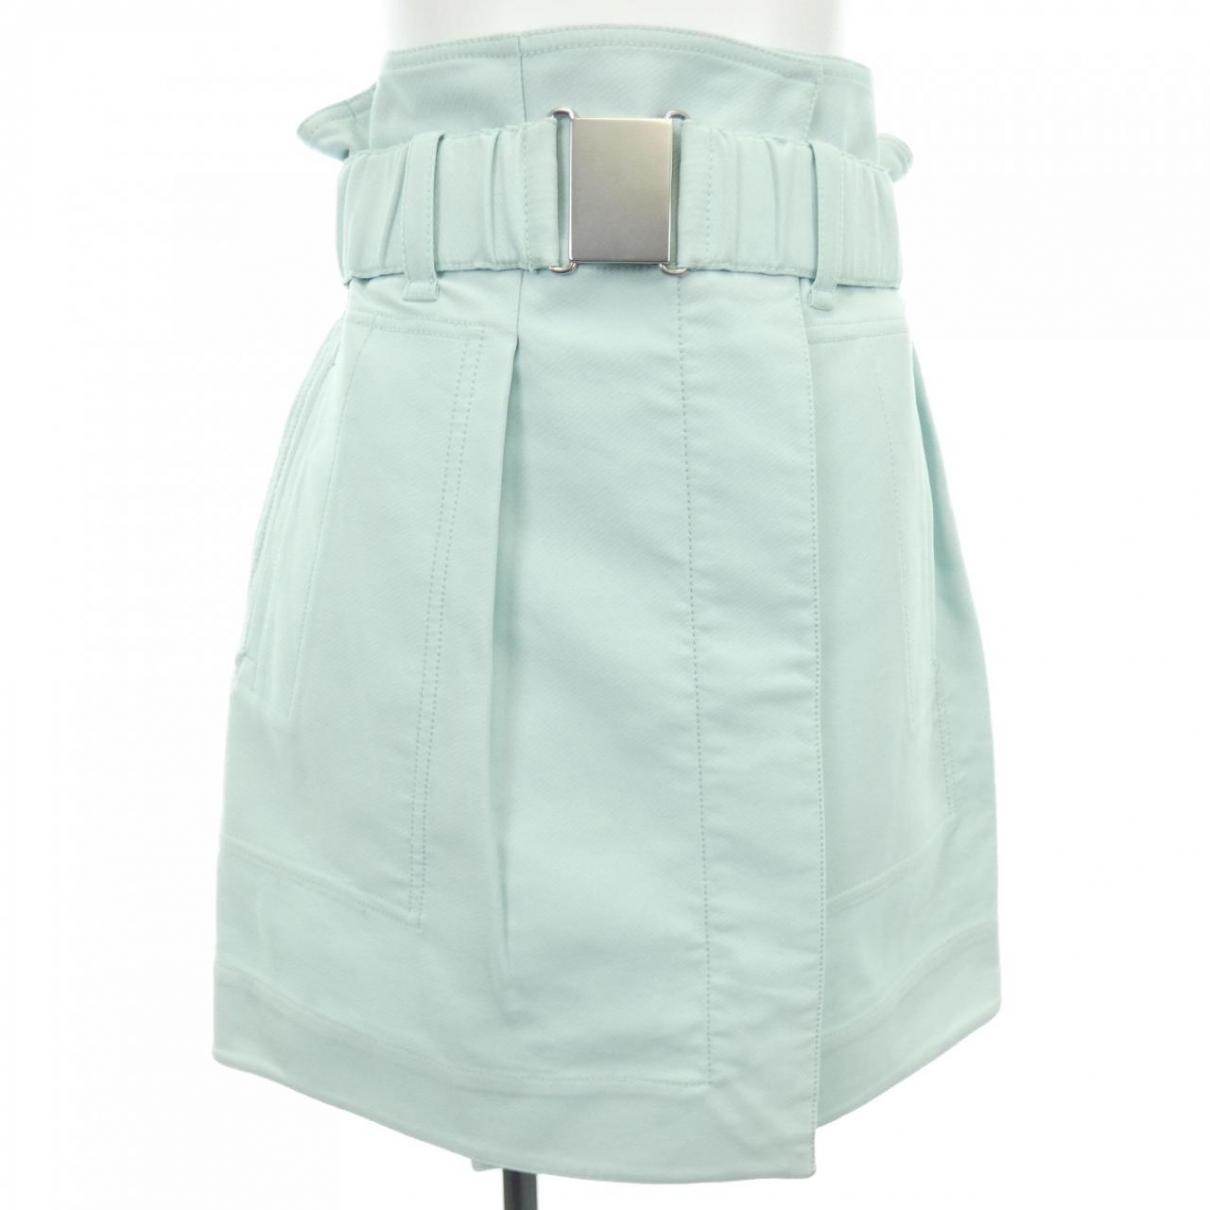 3.1 Phillip Lim \N Blue Cotton skirt for Women 0